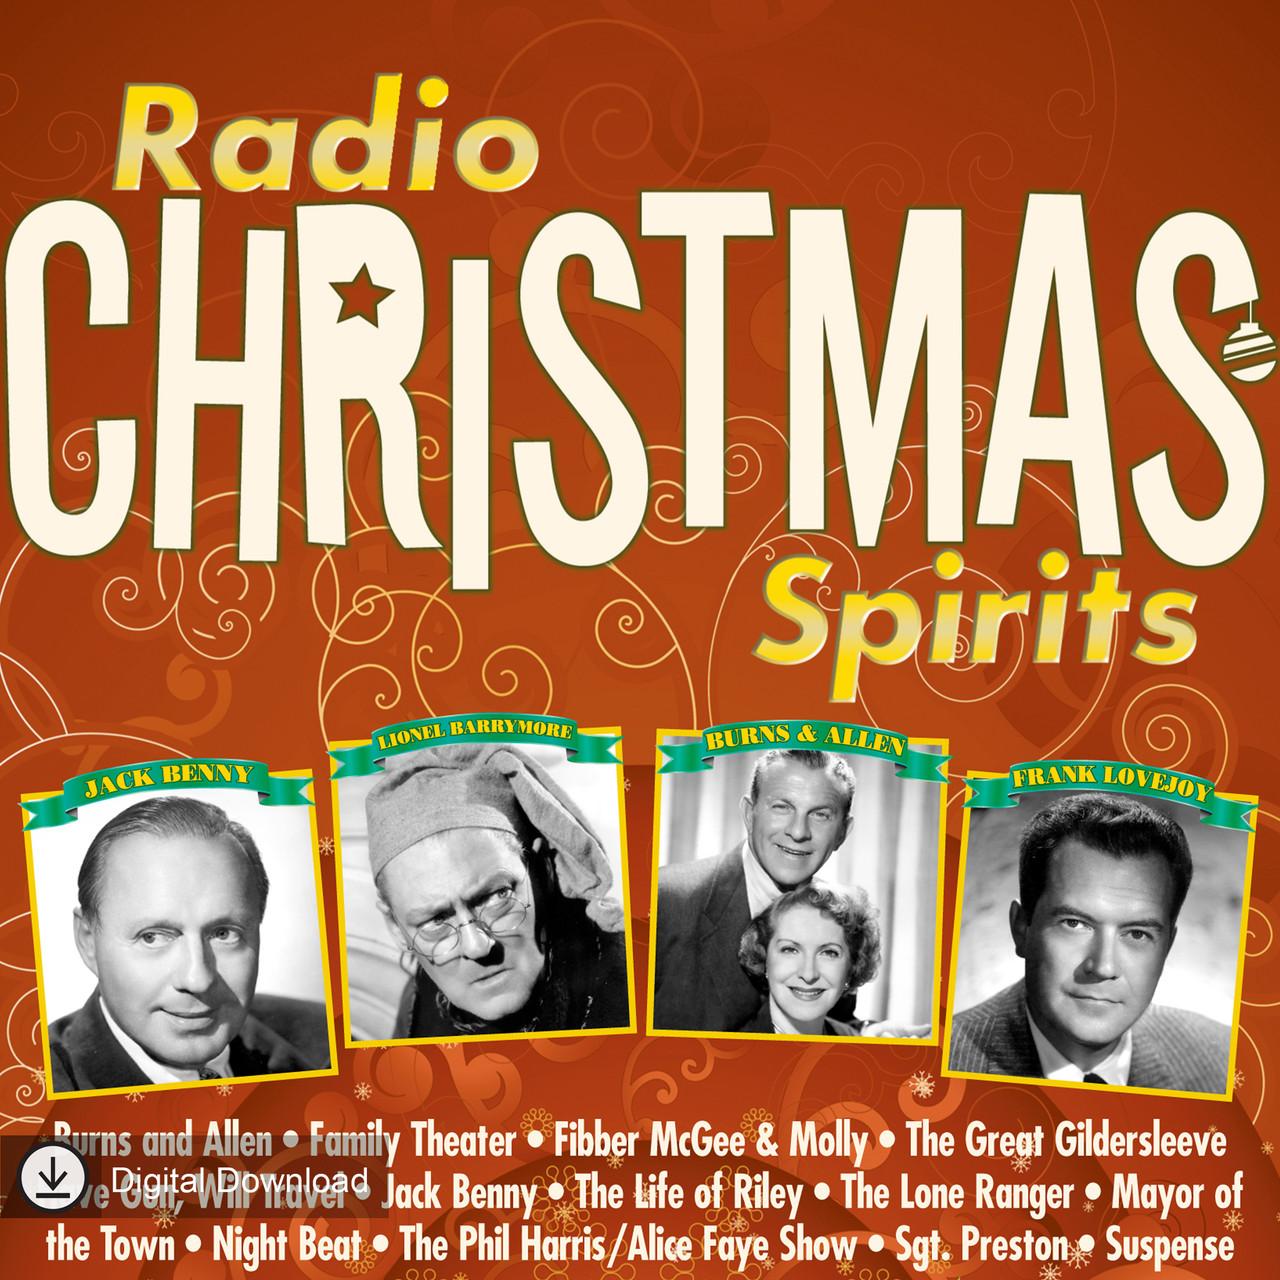 Radio Christmas Spirits (MP3 Download)